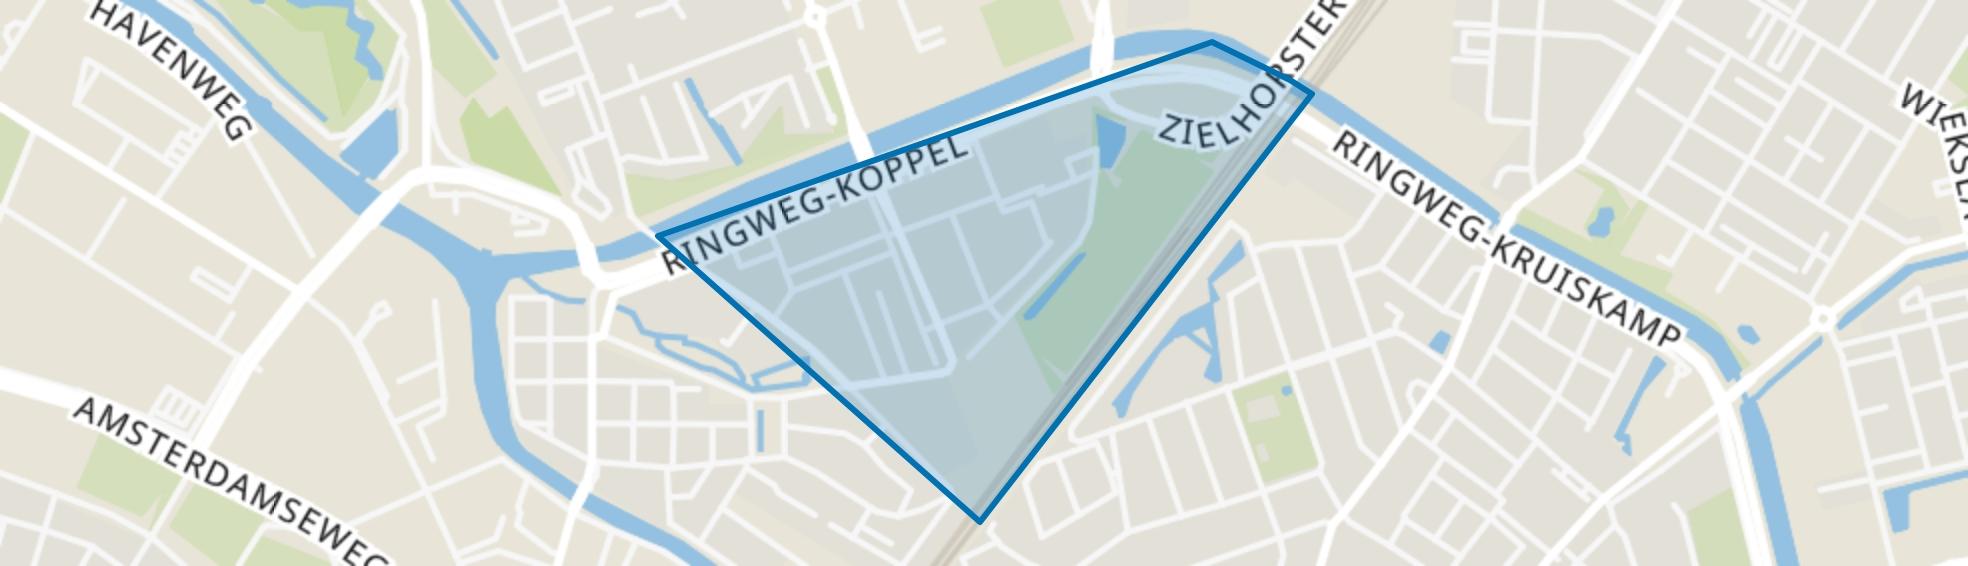 Meridiaan, Amersfoort map